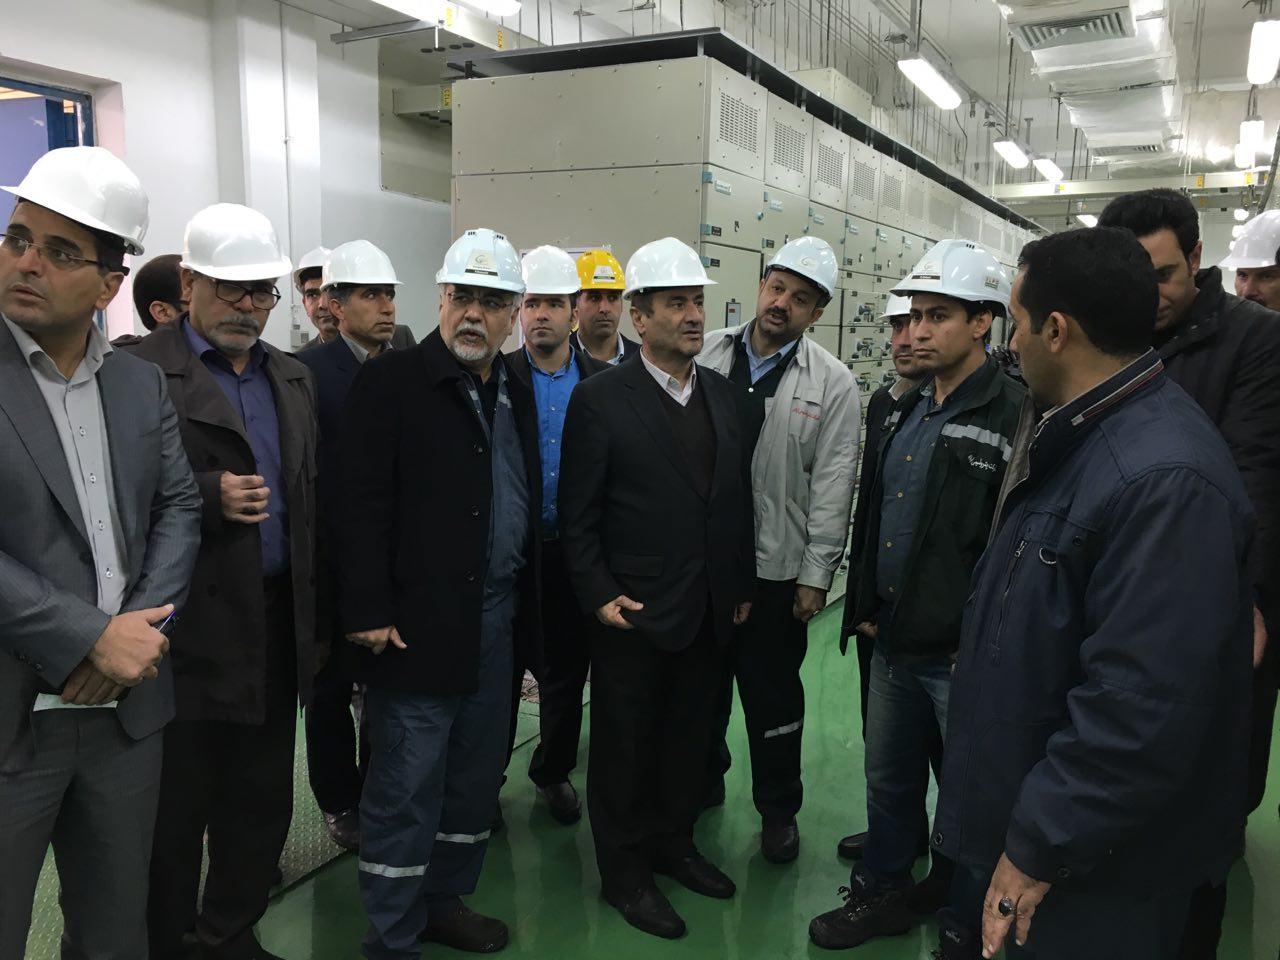 افتتاح فاز دوم پتروشیمی سال اینده به دست رئیس جمهور